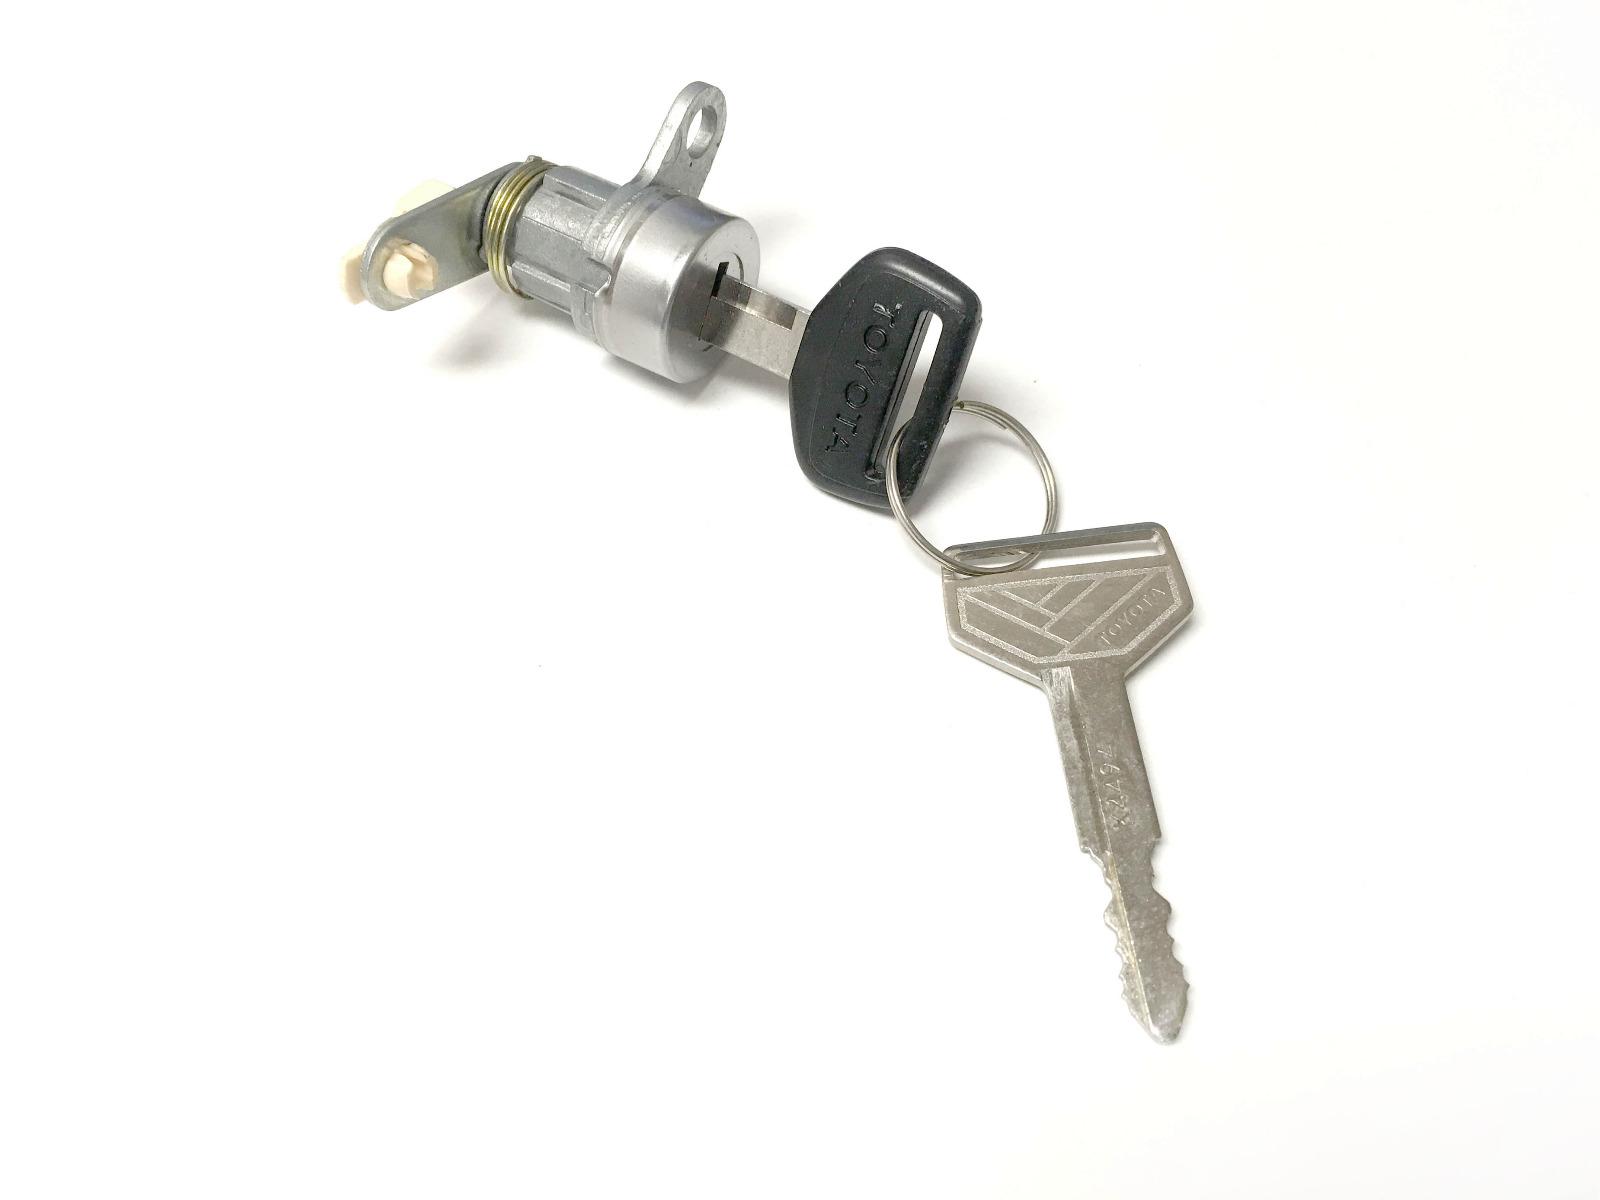 ASP Door Lock Cylinder D-30-116 for Toyota, Celica